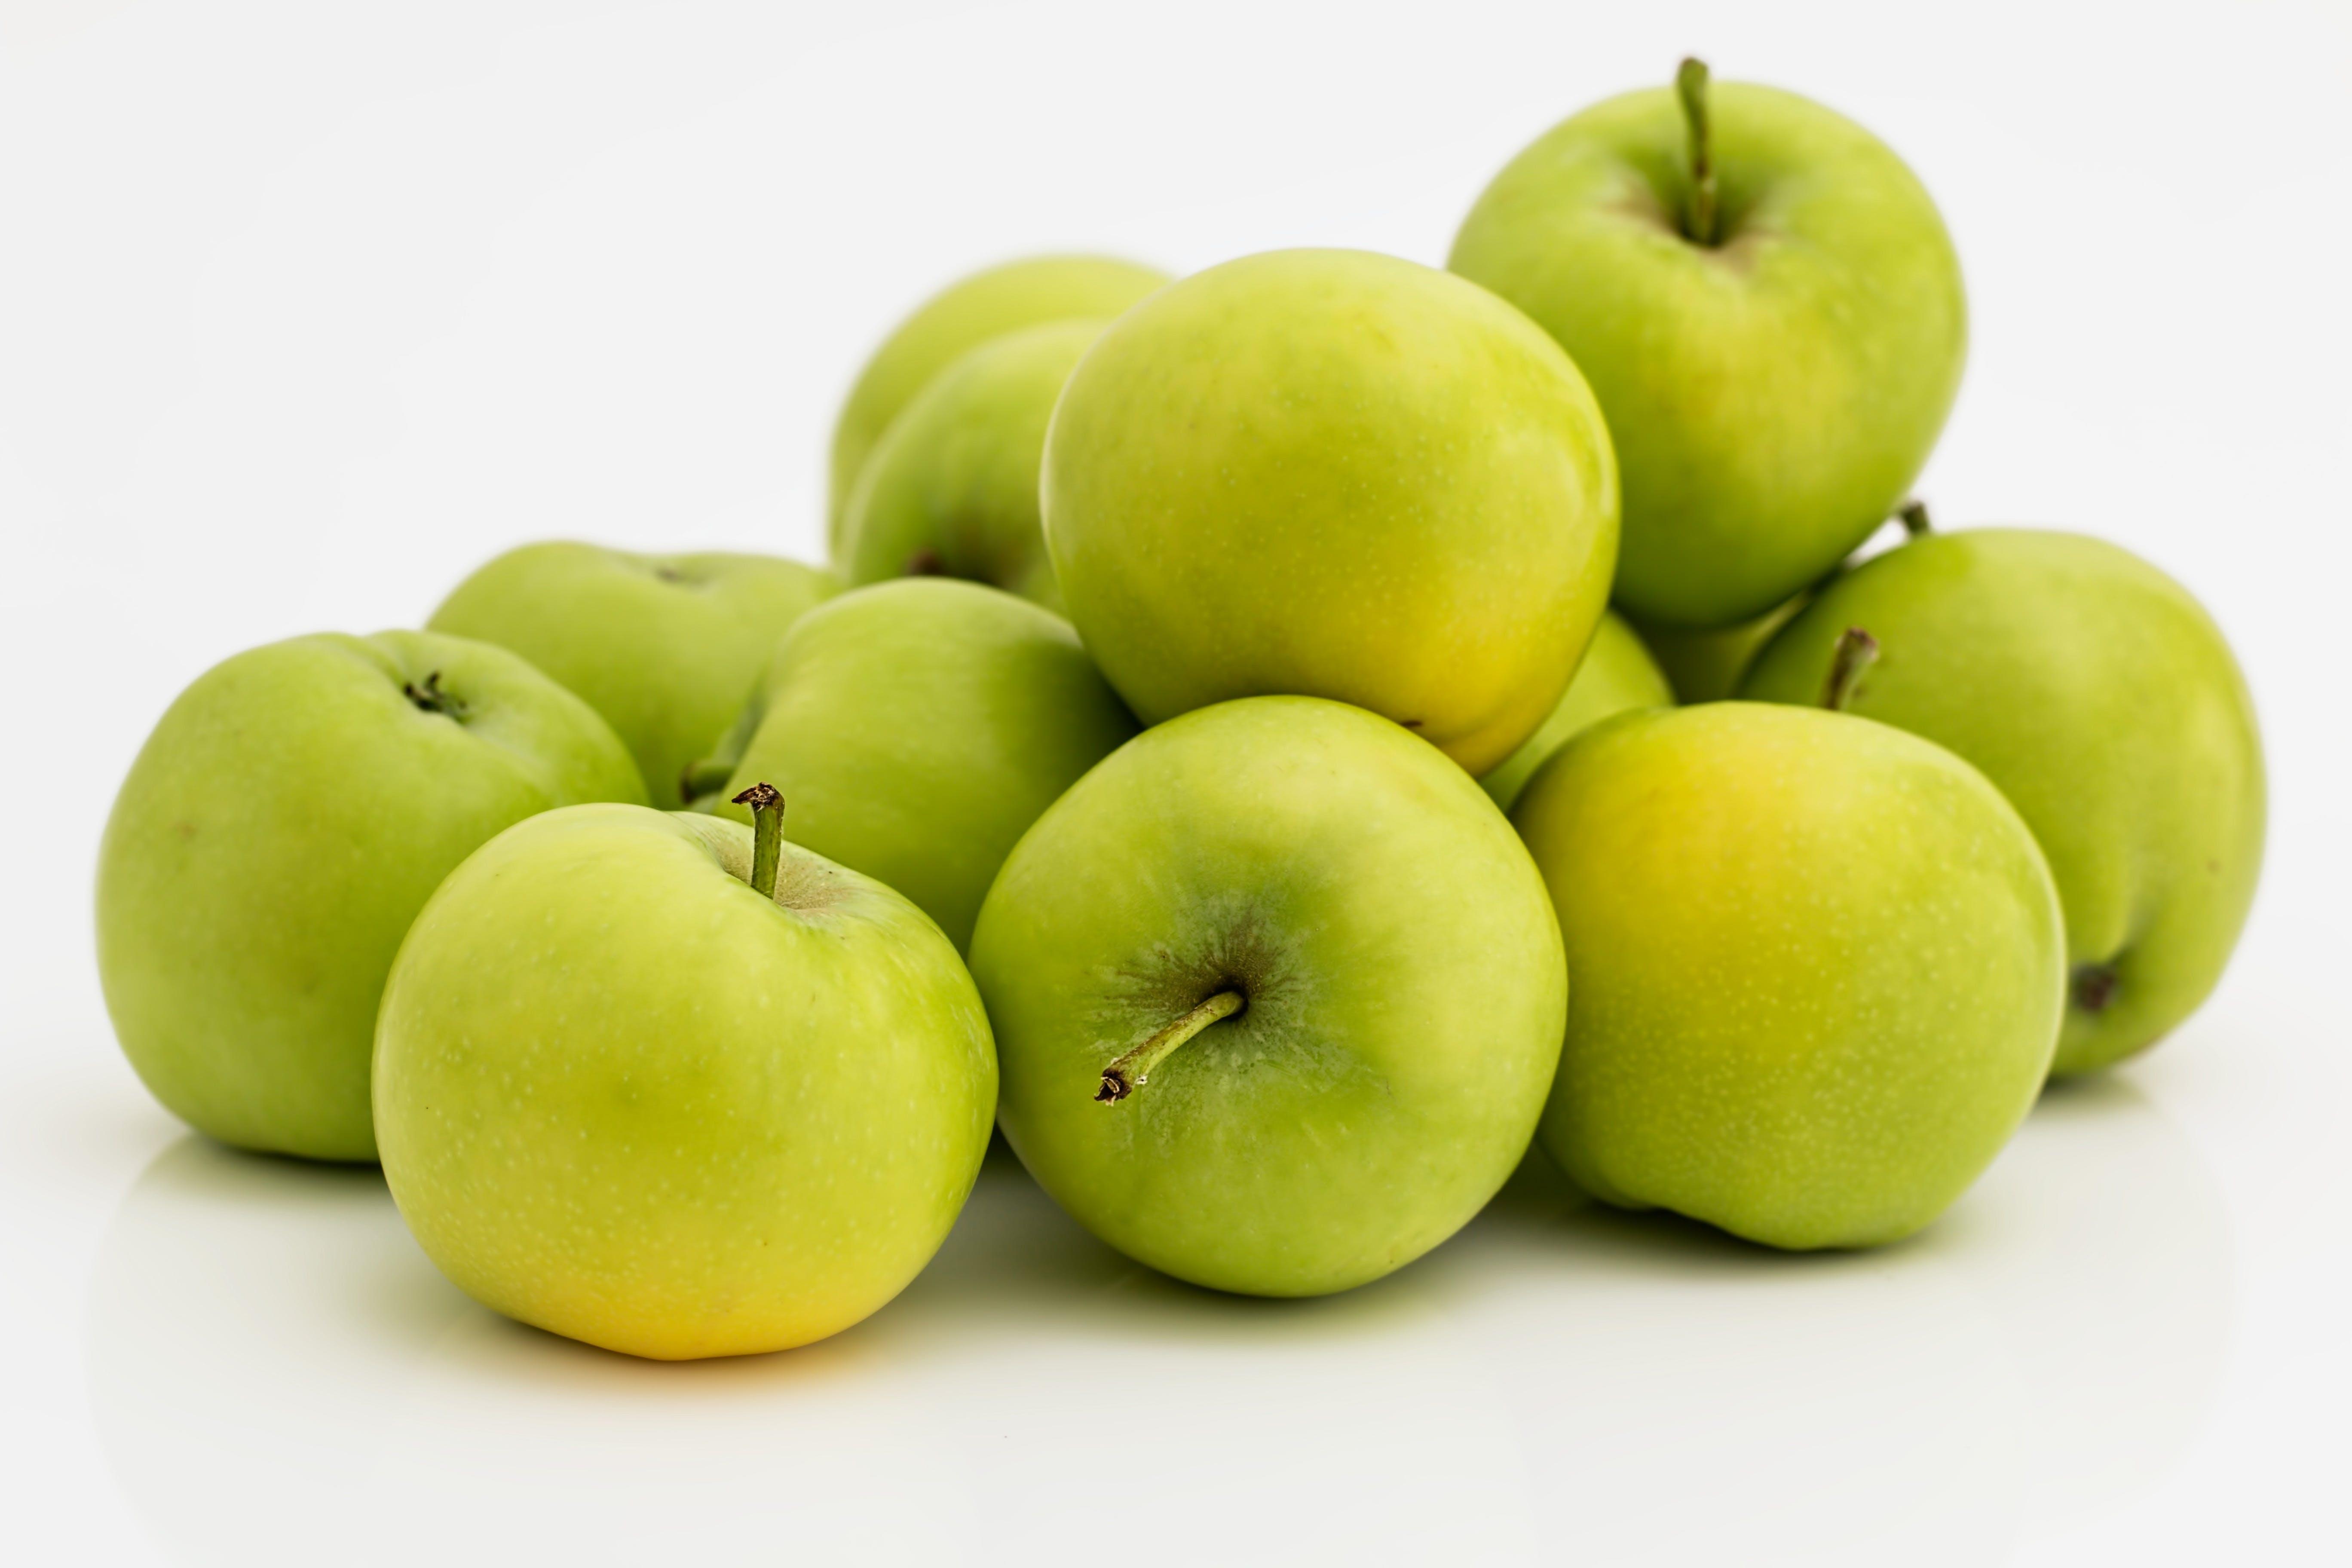 apples, diet, food